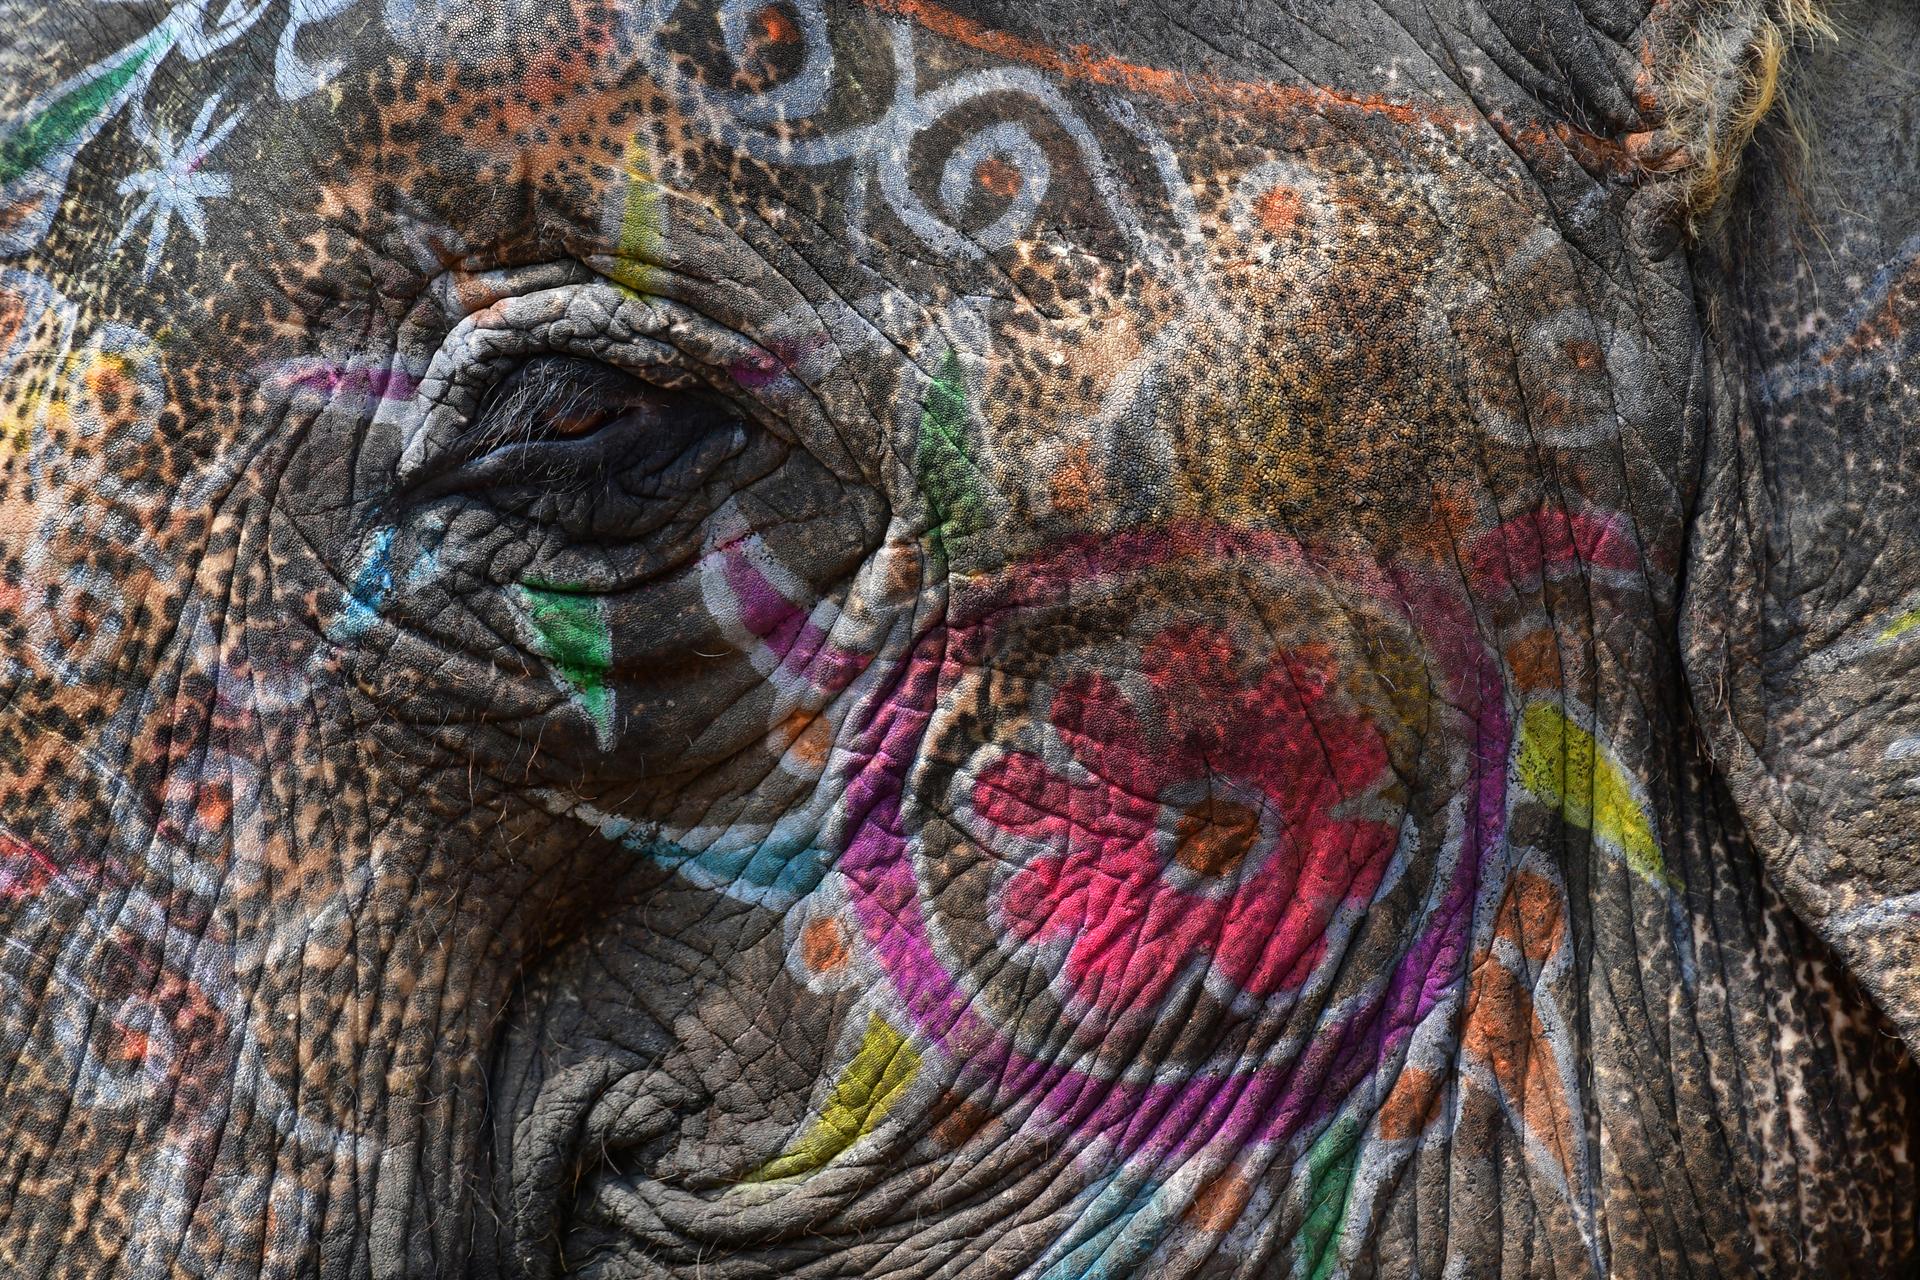 עין הפיל - הודו - יואל שתרוג - אדמה יוצרת - yoel sitruk